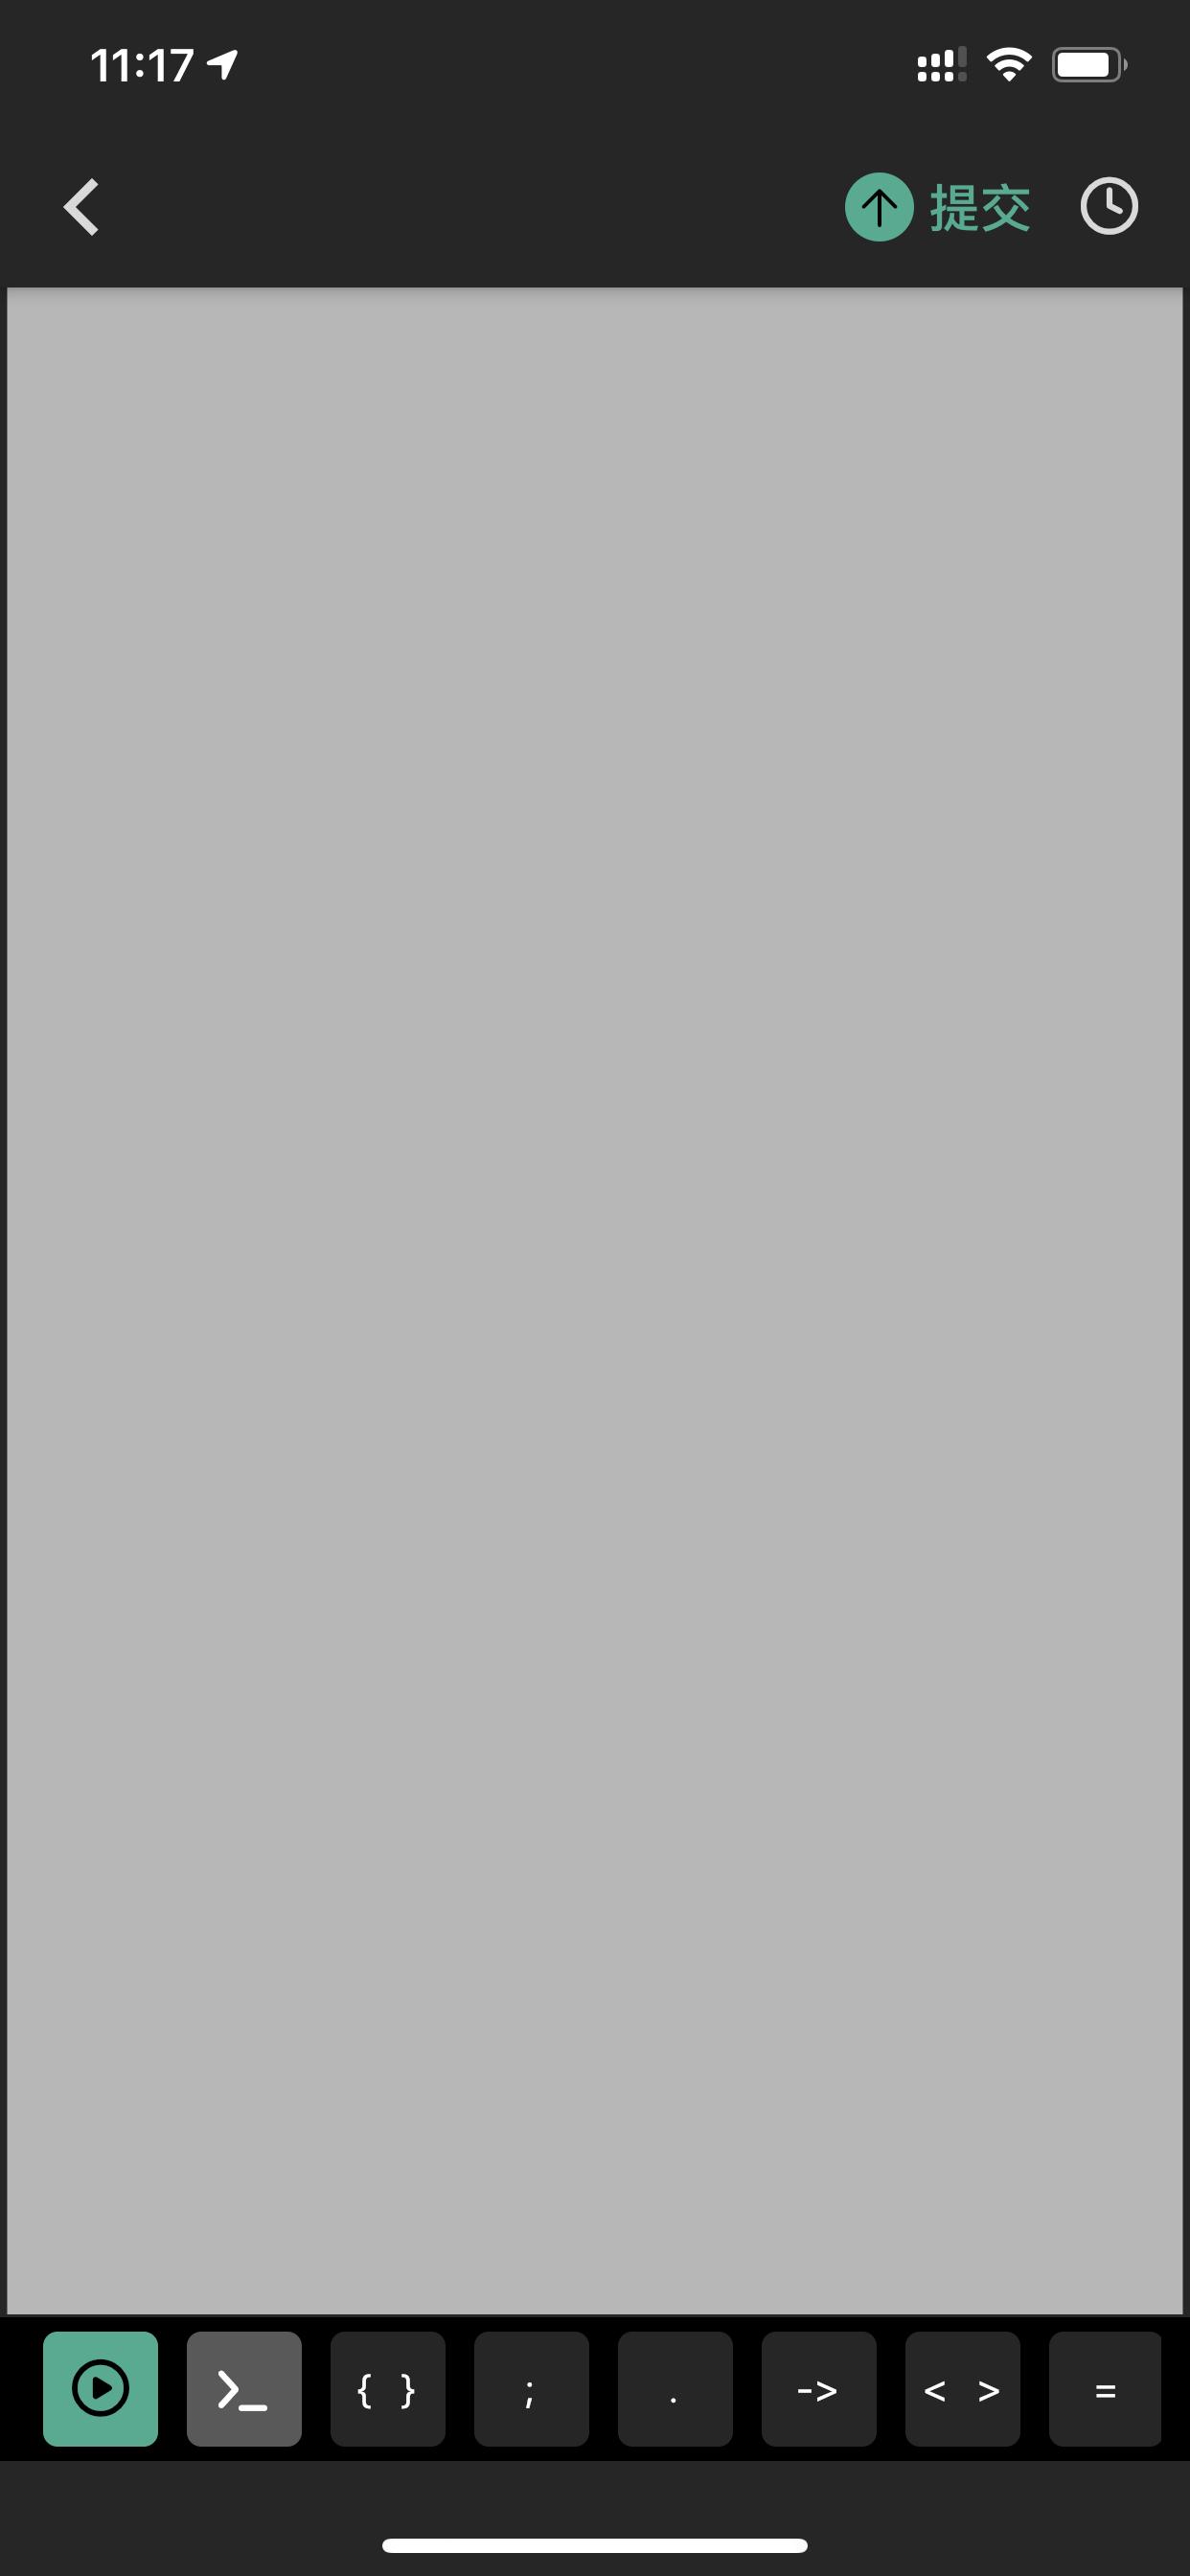 IMG_B982C21BBFAA-1.jpeg